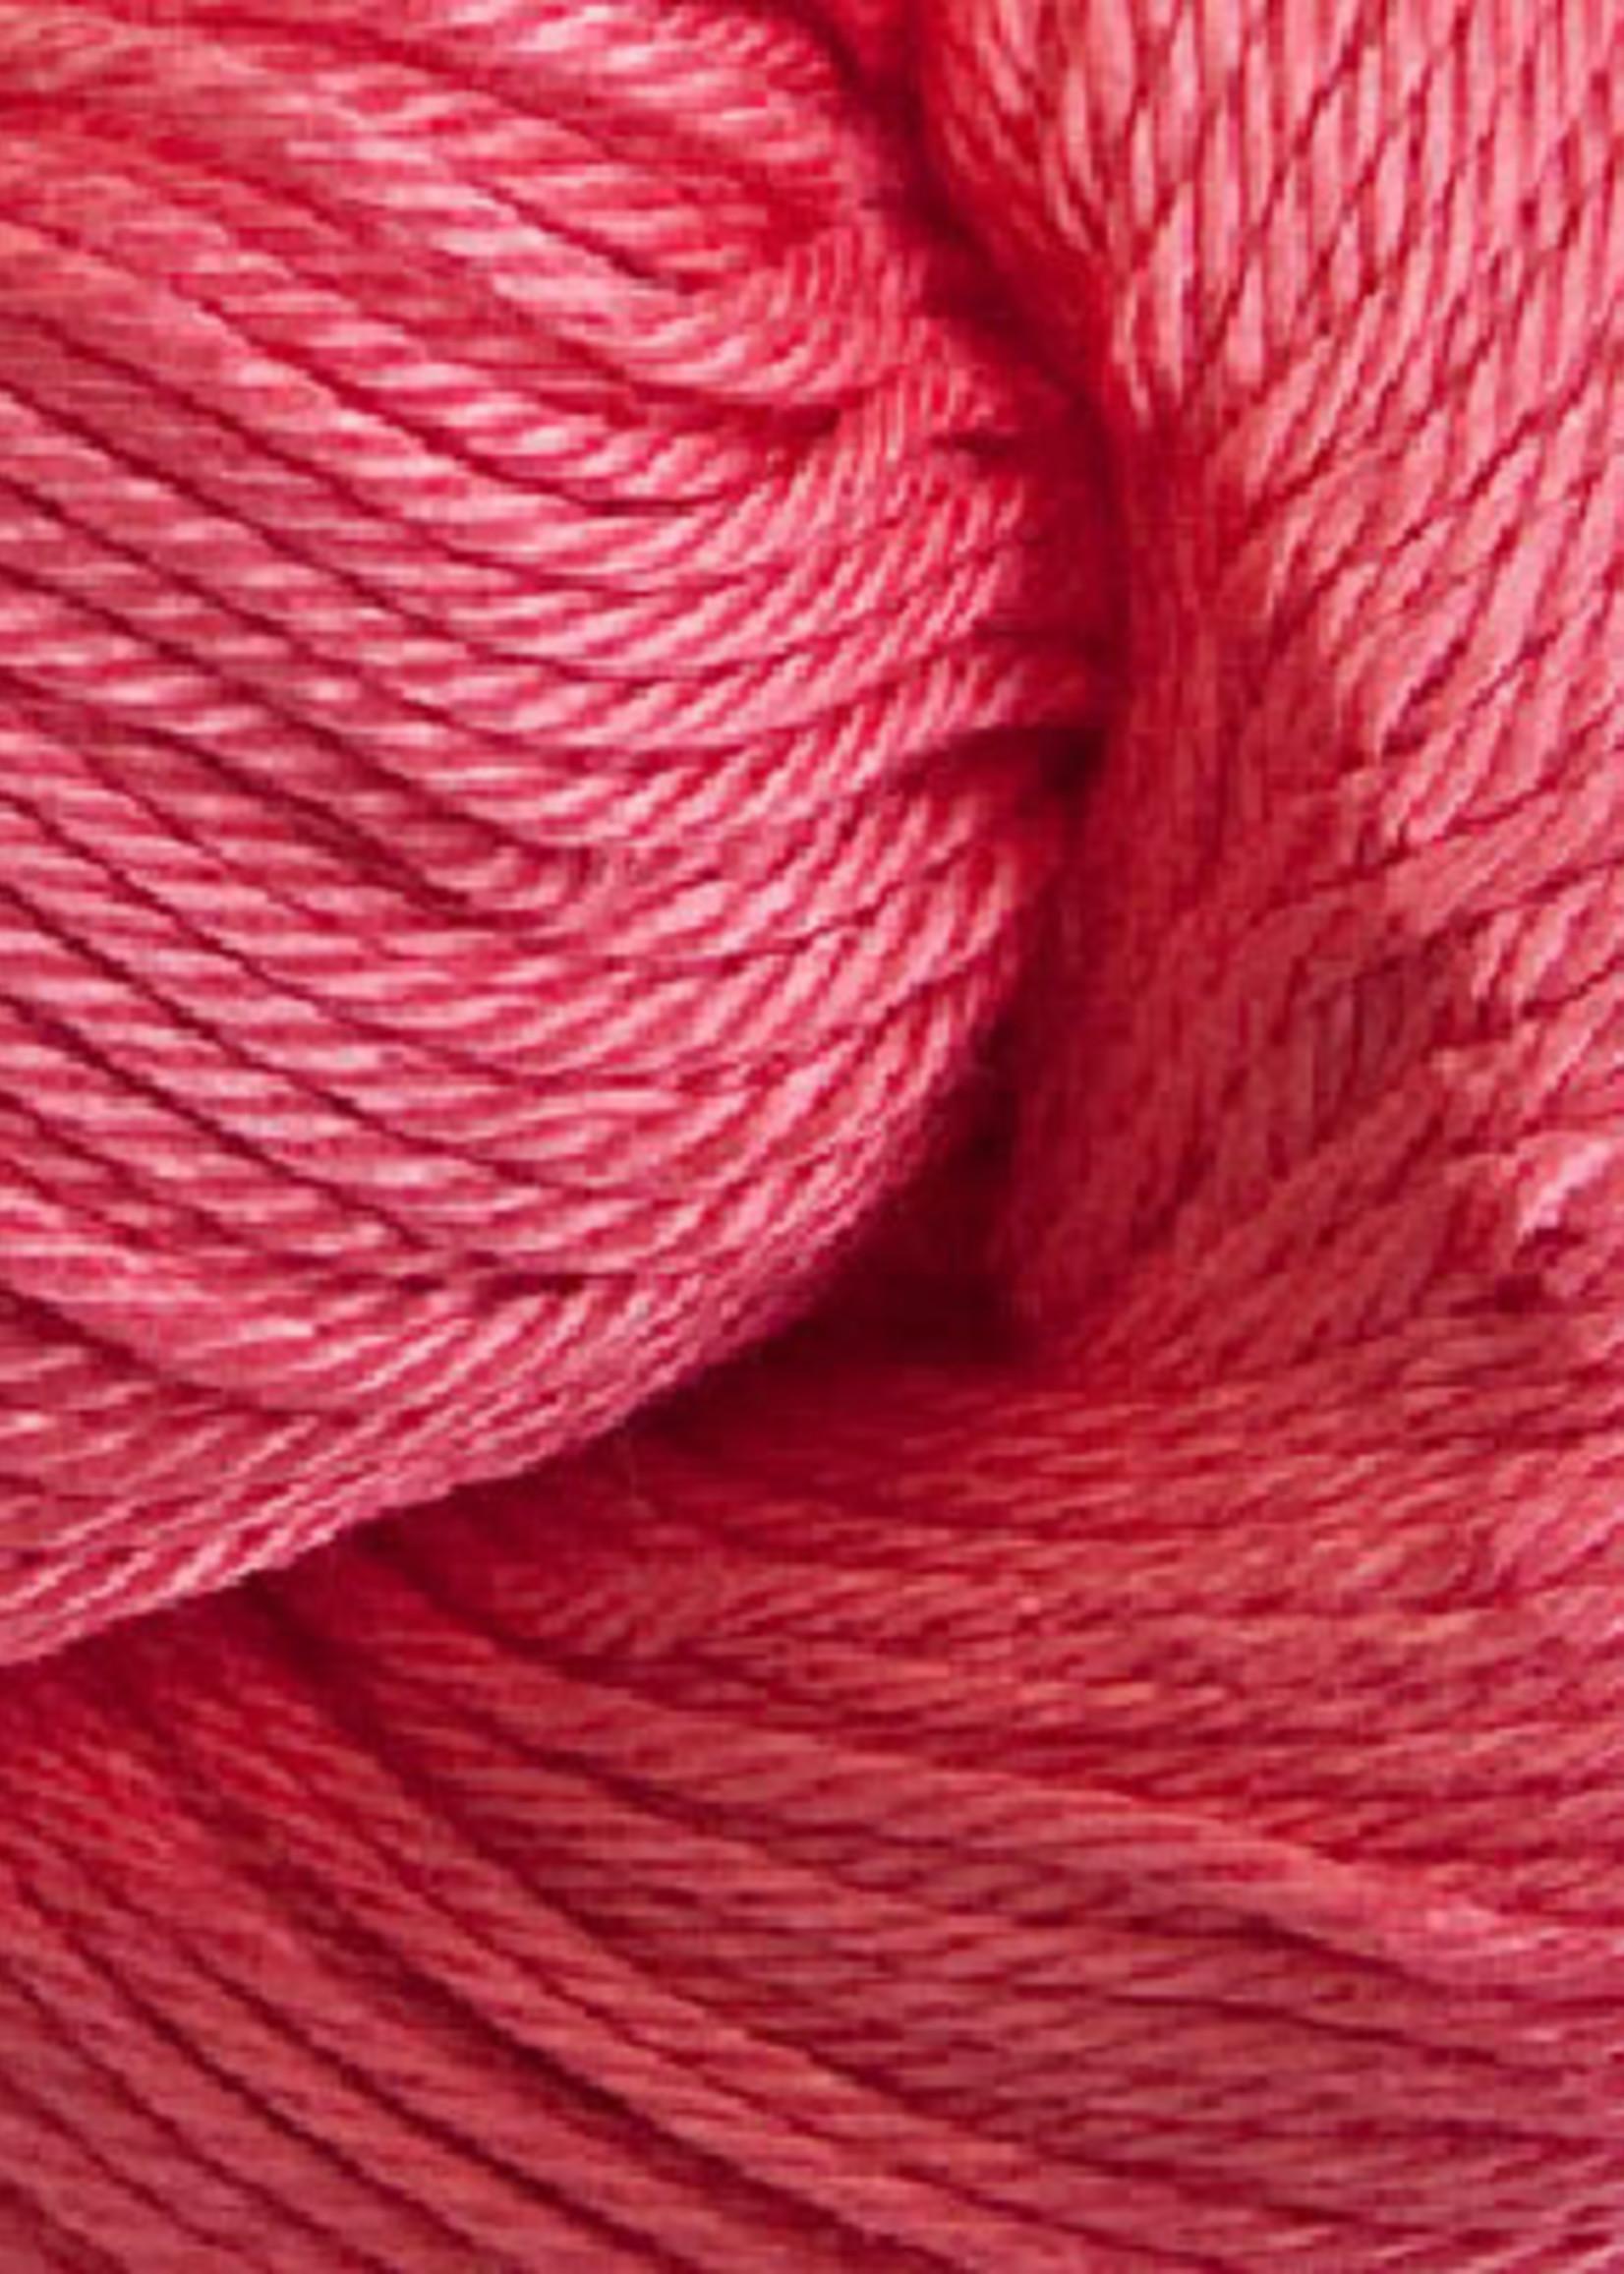 Cascade Cascade Ultra Pima Cotton #3767 Deep Coral